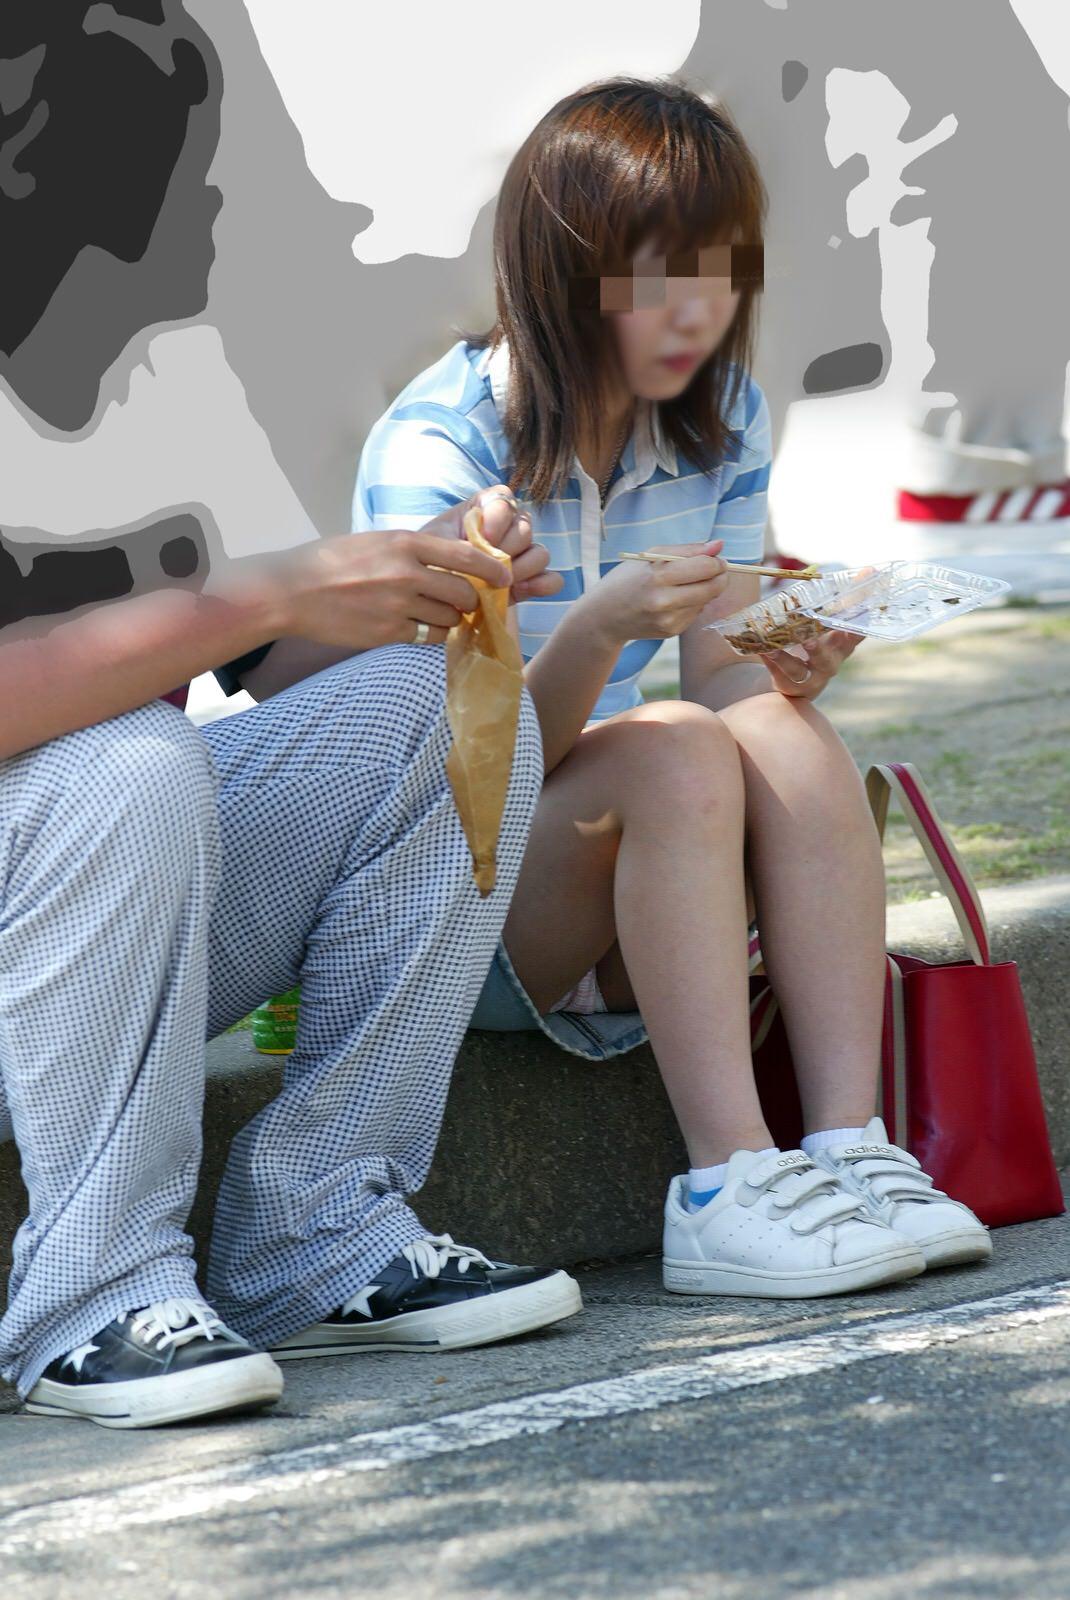 公園行けばパンチラ取り放題だぞぉーwww素人のパンツ盗み撮りだぁーwww 09103